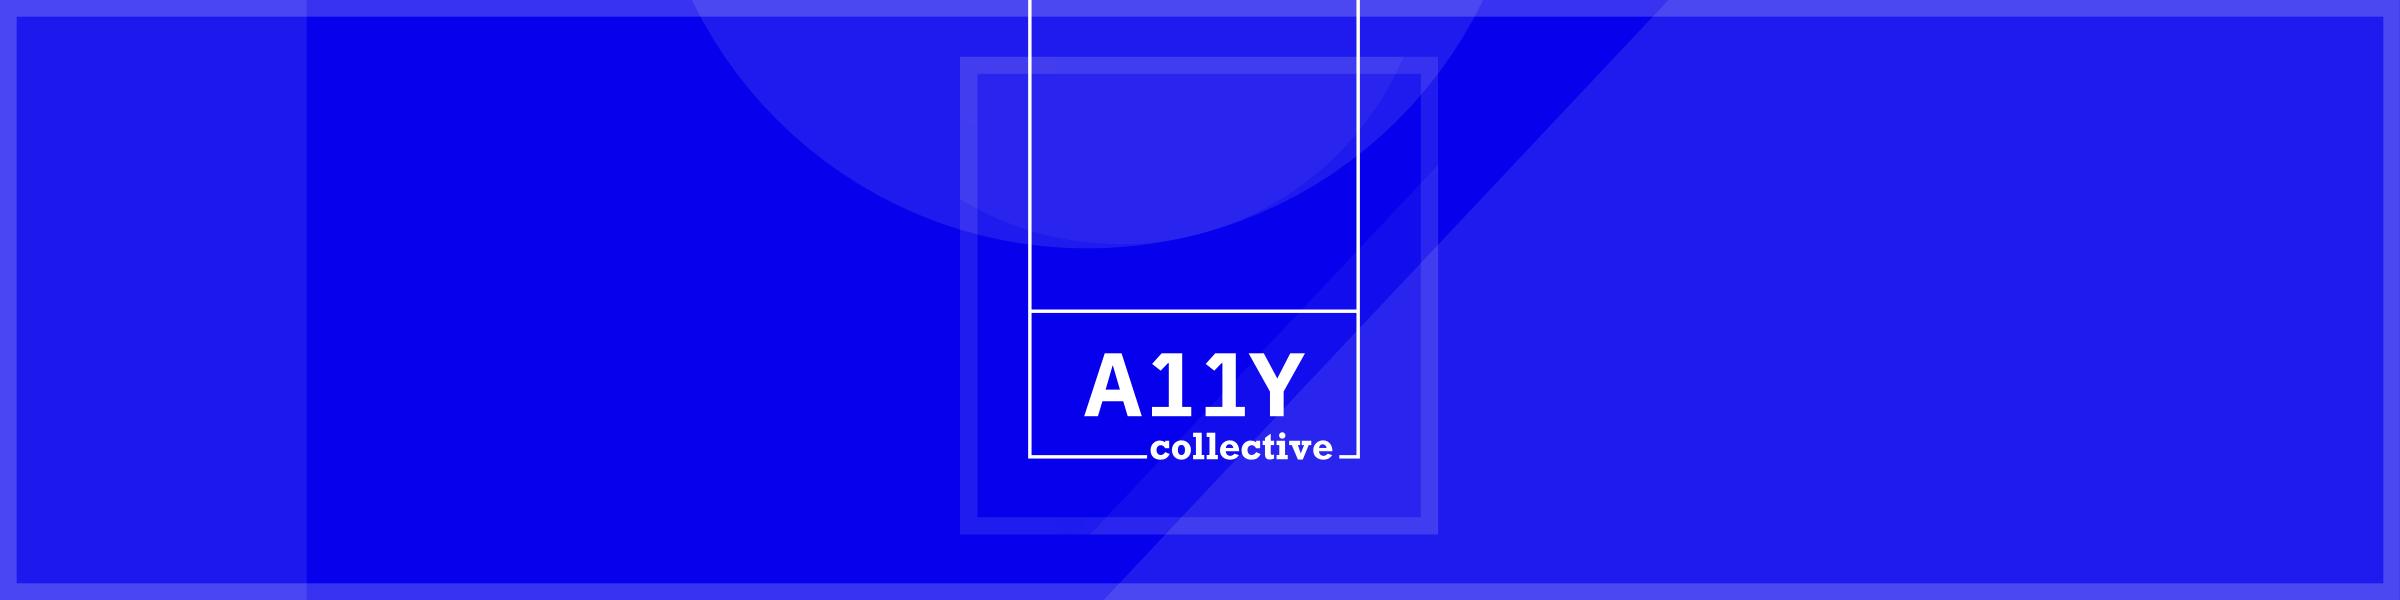 grote A11Y Collective logo